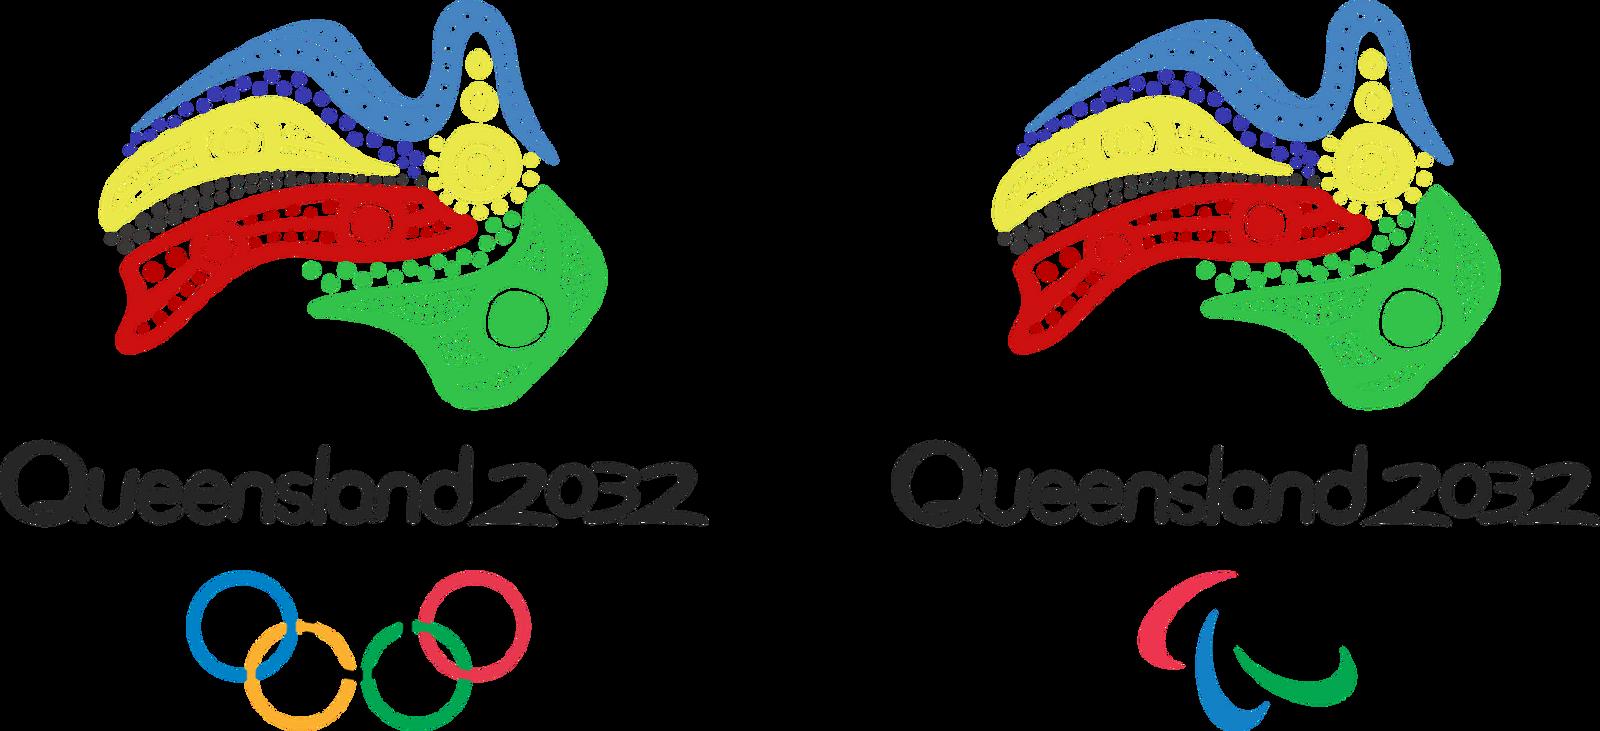 Logotype | Queensland 2032 Summer Olympics